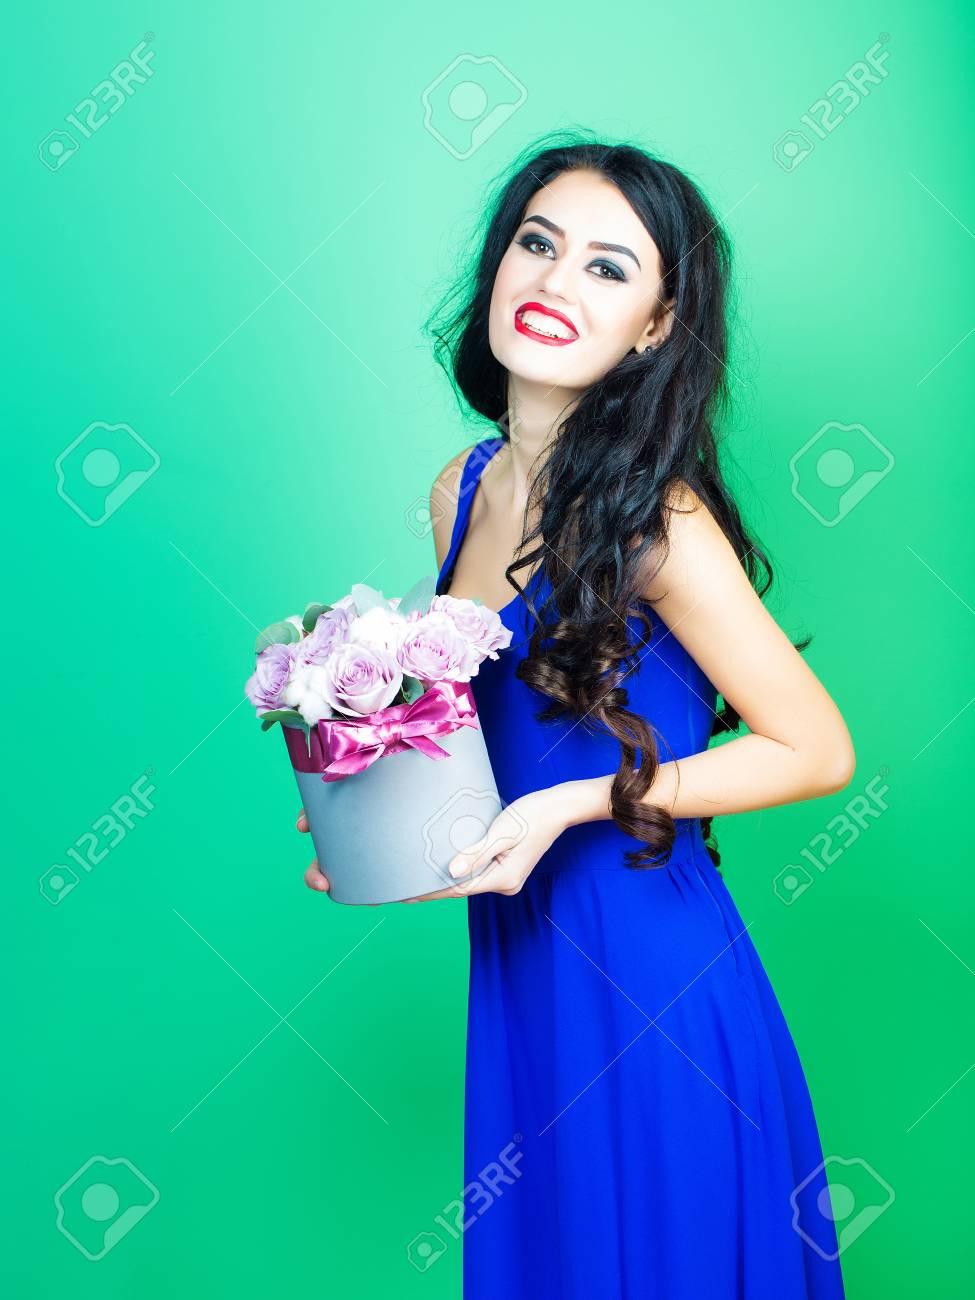 Maquillaje vestido azul y rosa